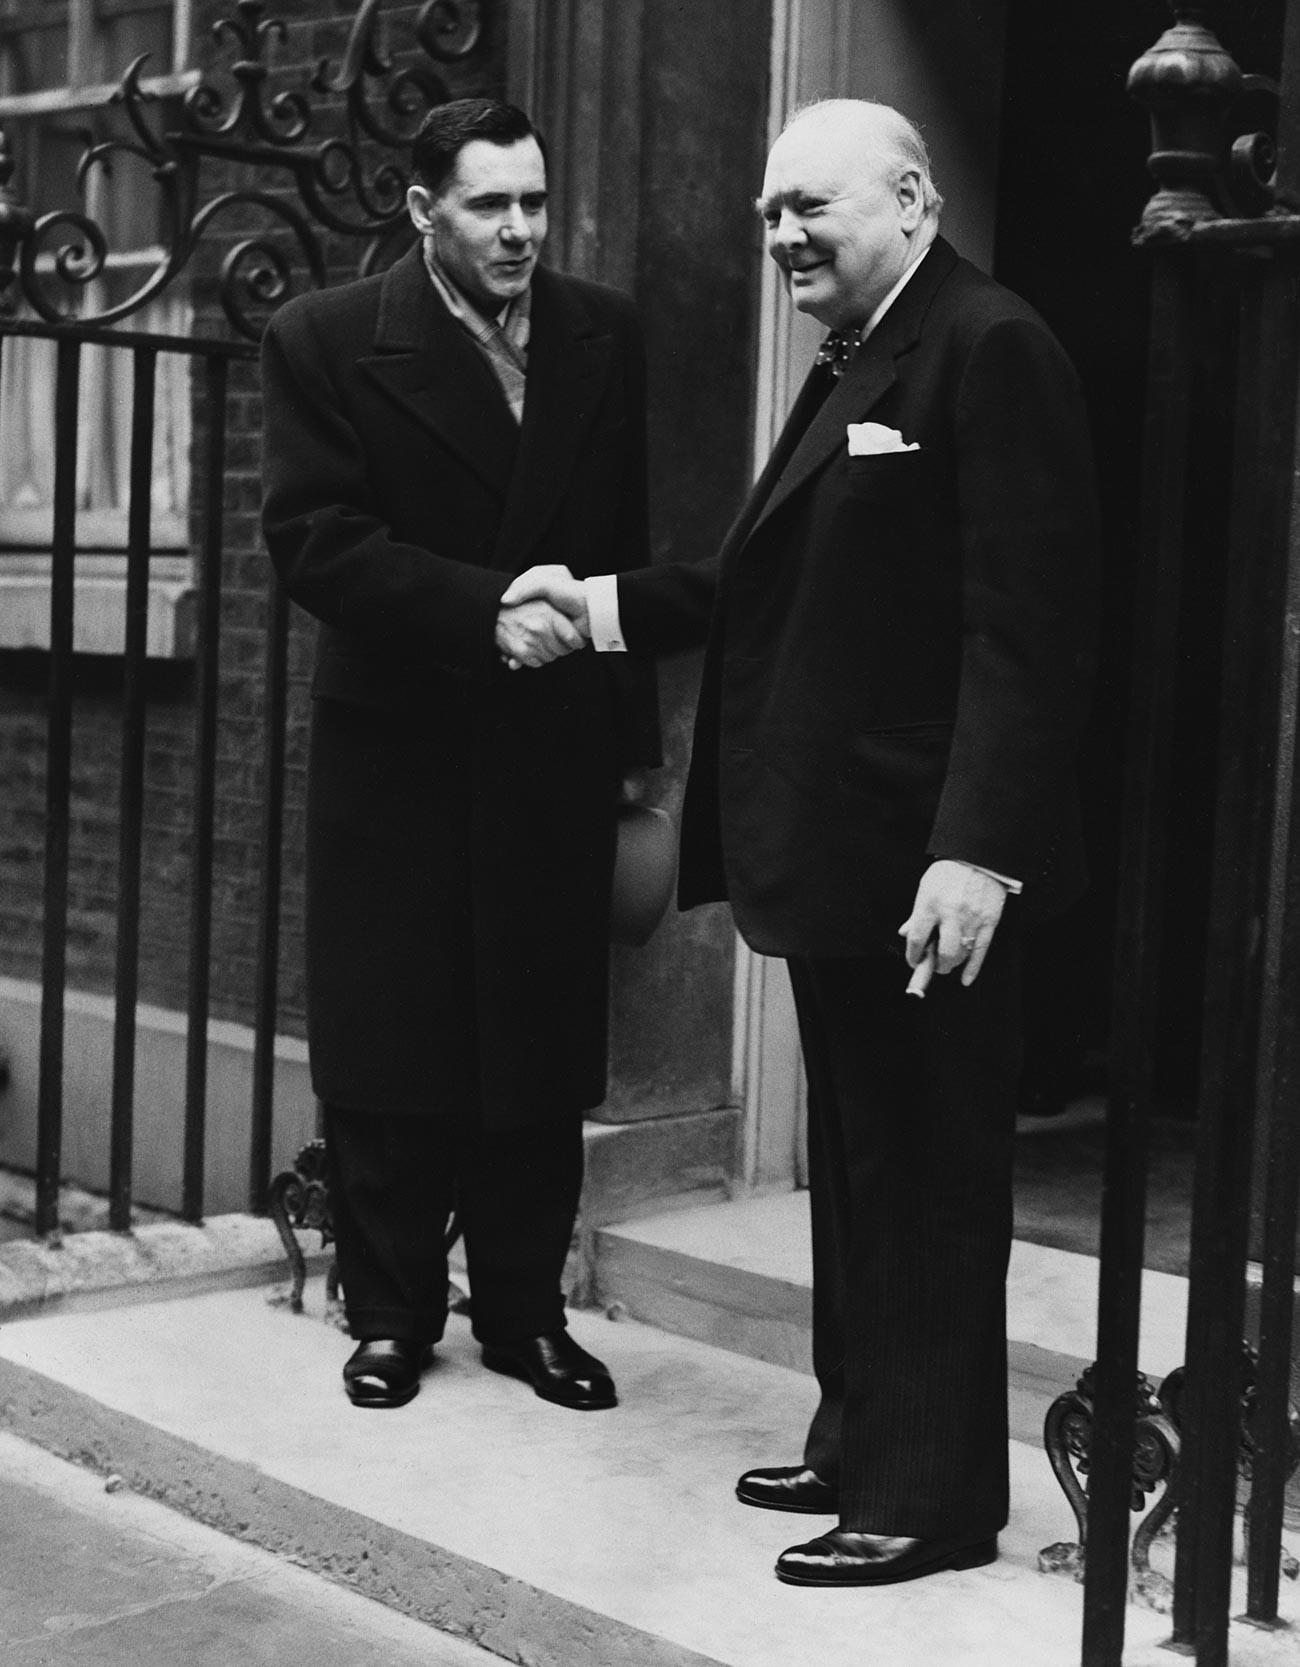 アンドレイ・グロムイコ在英ソ連大使(左側)、ウィンストン・チャーチル首相